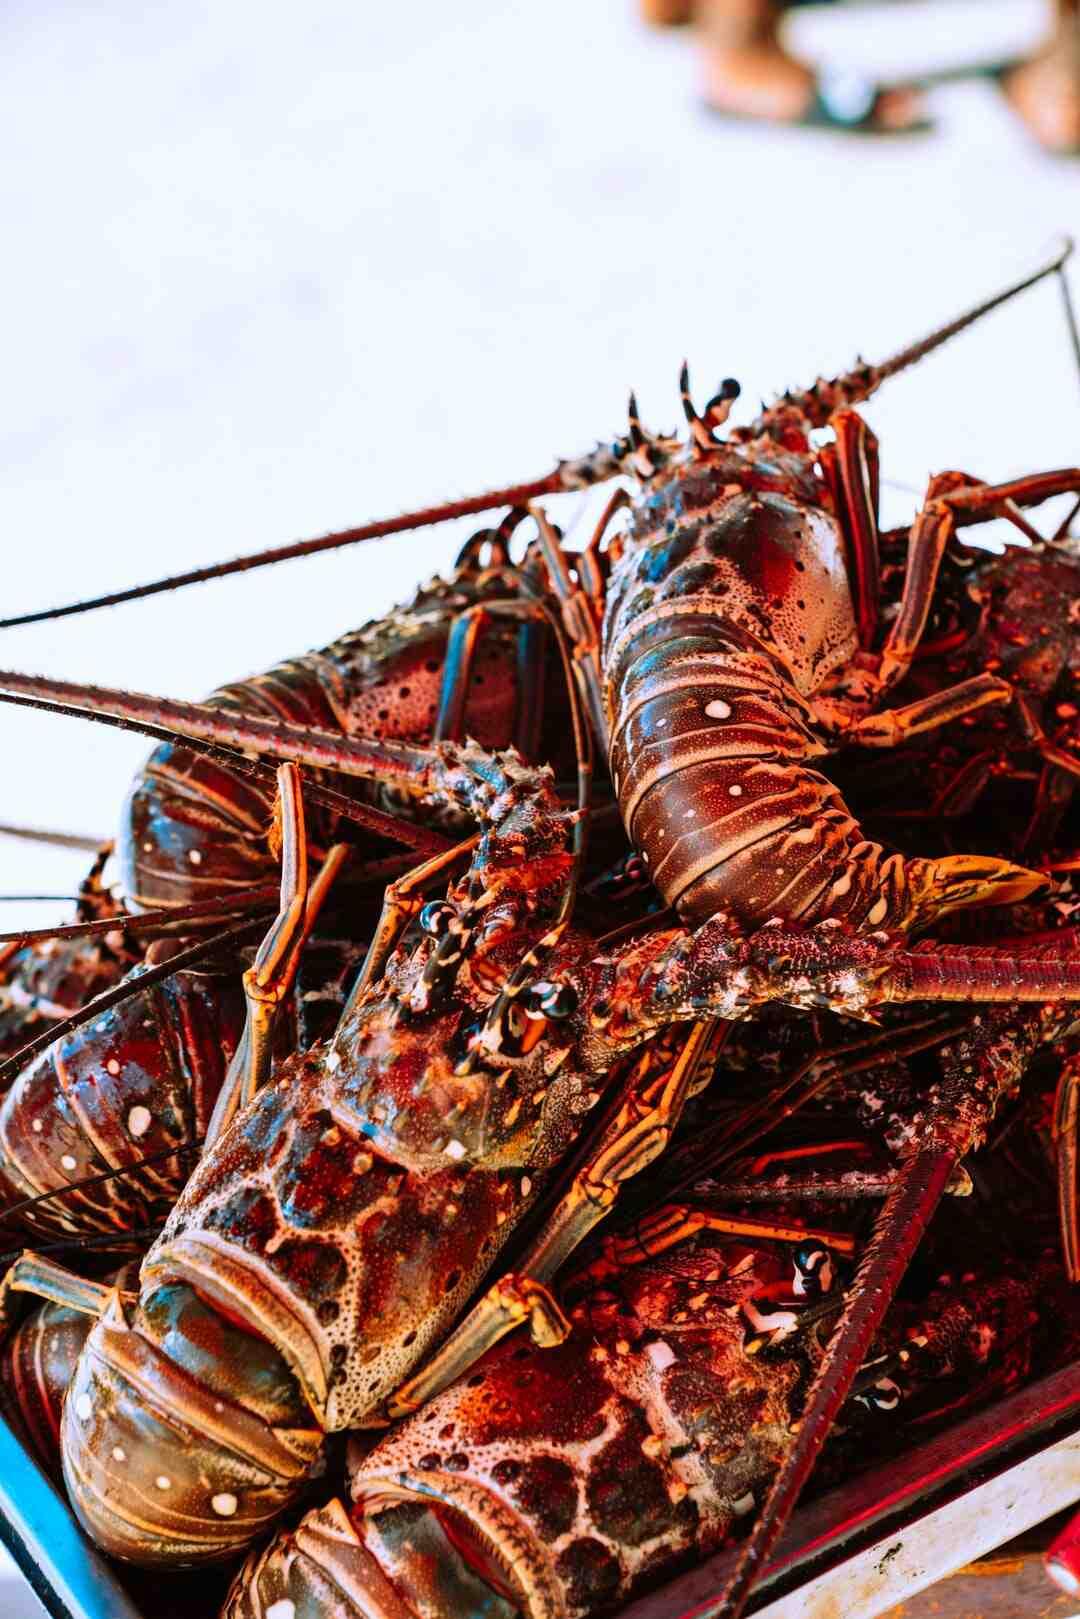 Comment faire cuire les homards sans les faire souffrir ?